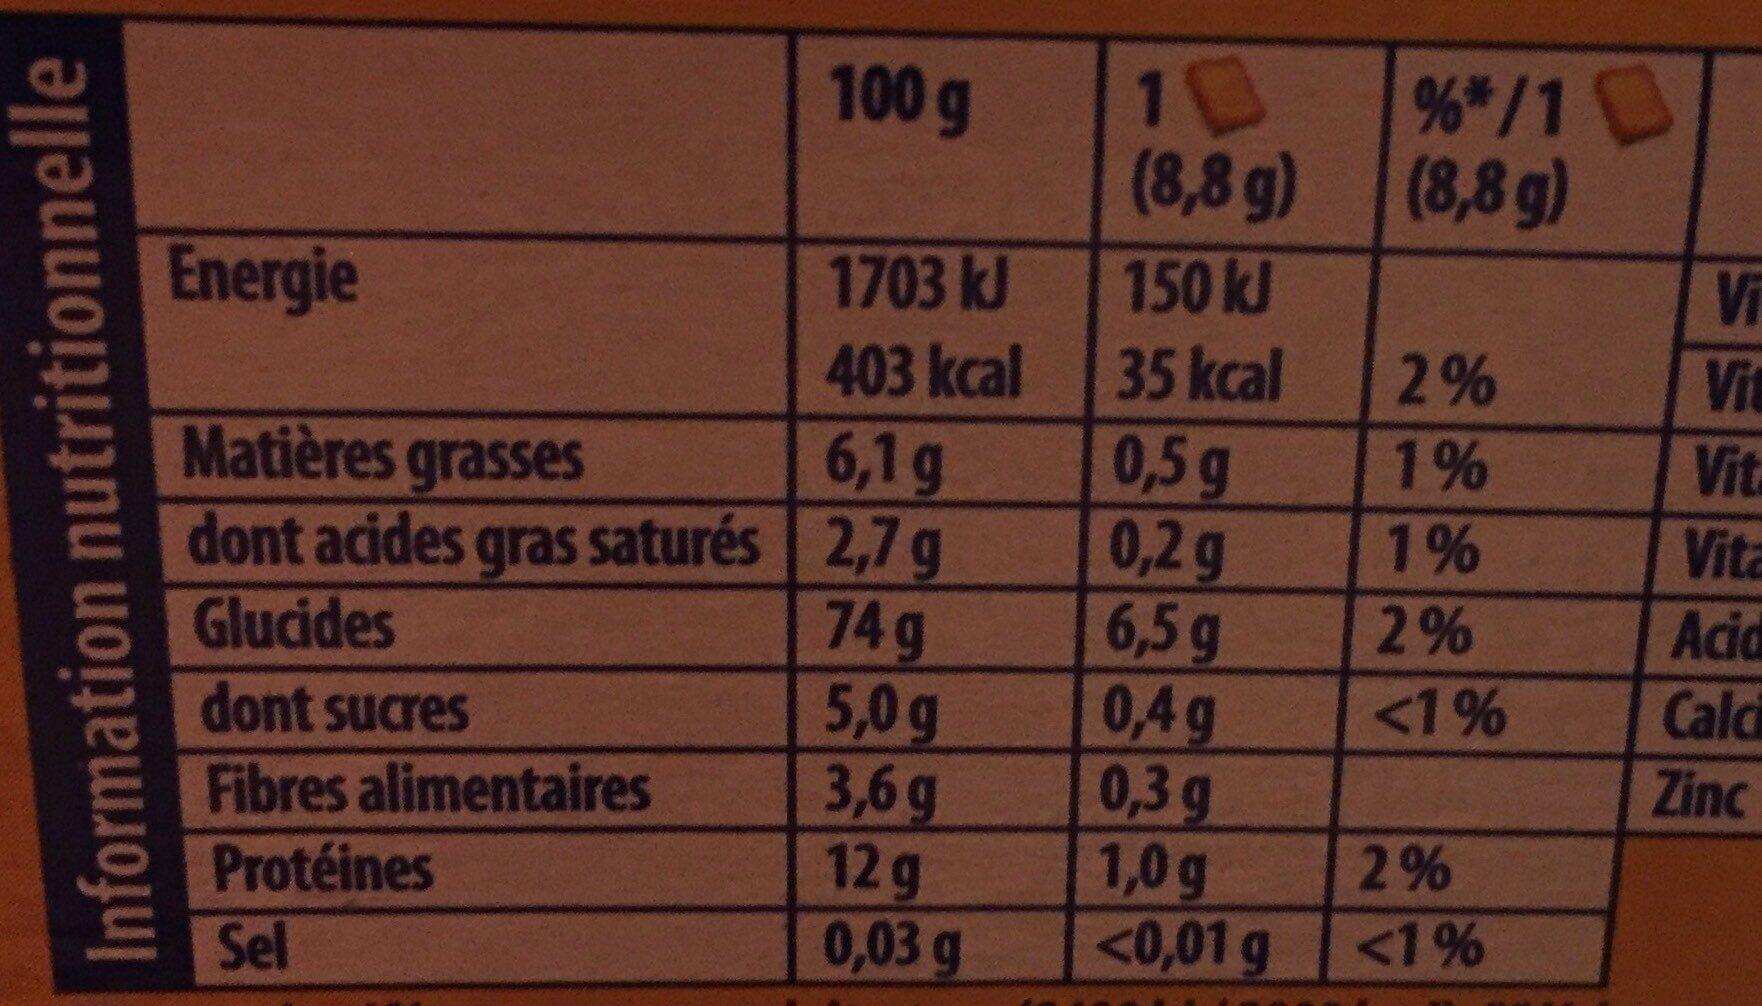 Heudebert biscottes sans sel ajouté - Nutrition facts - fr